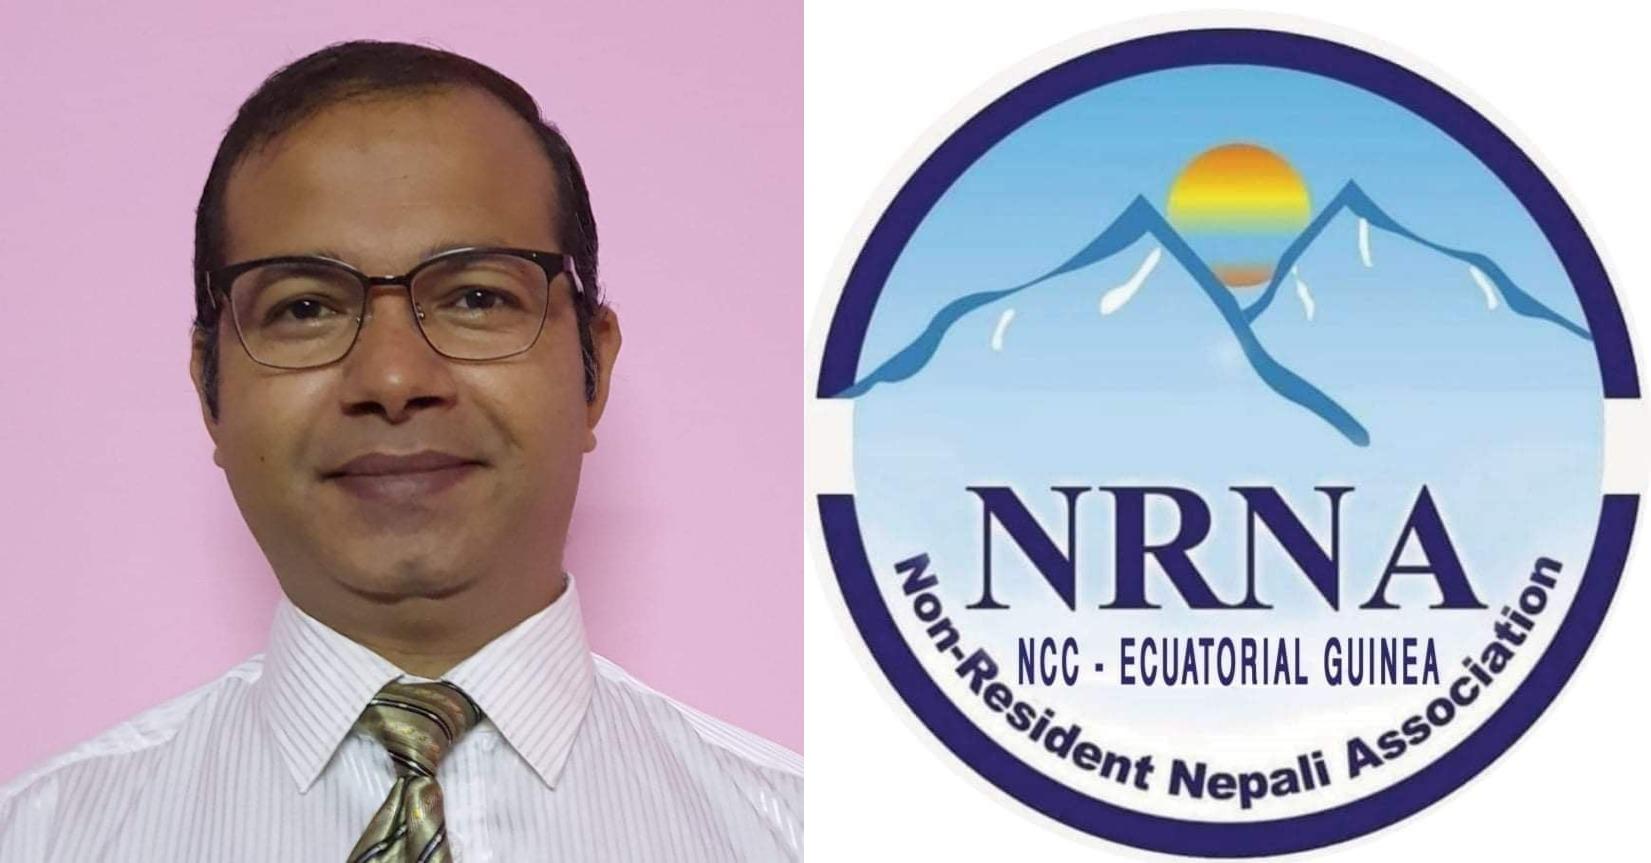 एनआरएनए इकोटोरियल गुयनाको अध्यक्षमा विष्णुहरि सेढाई निर्विरोध